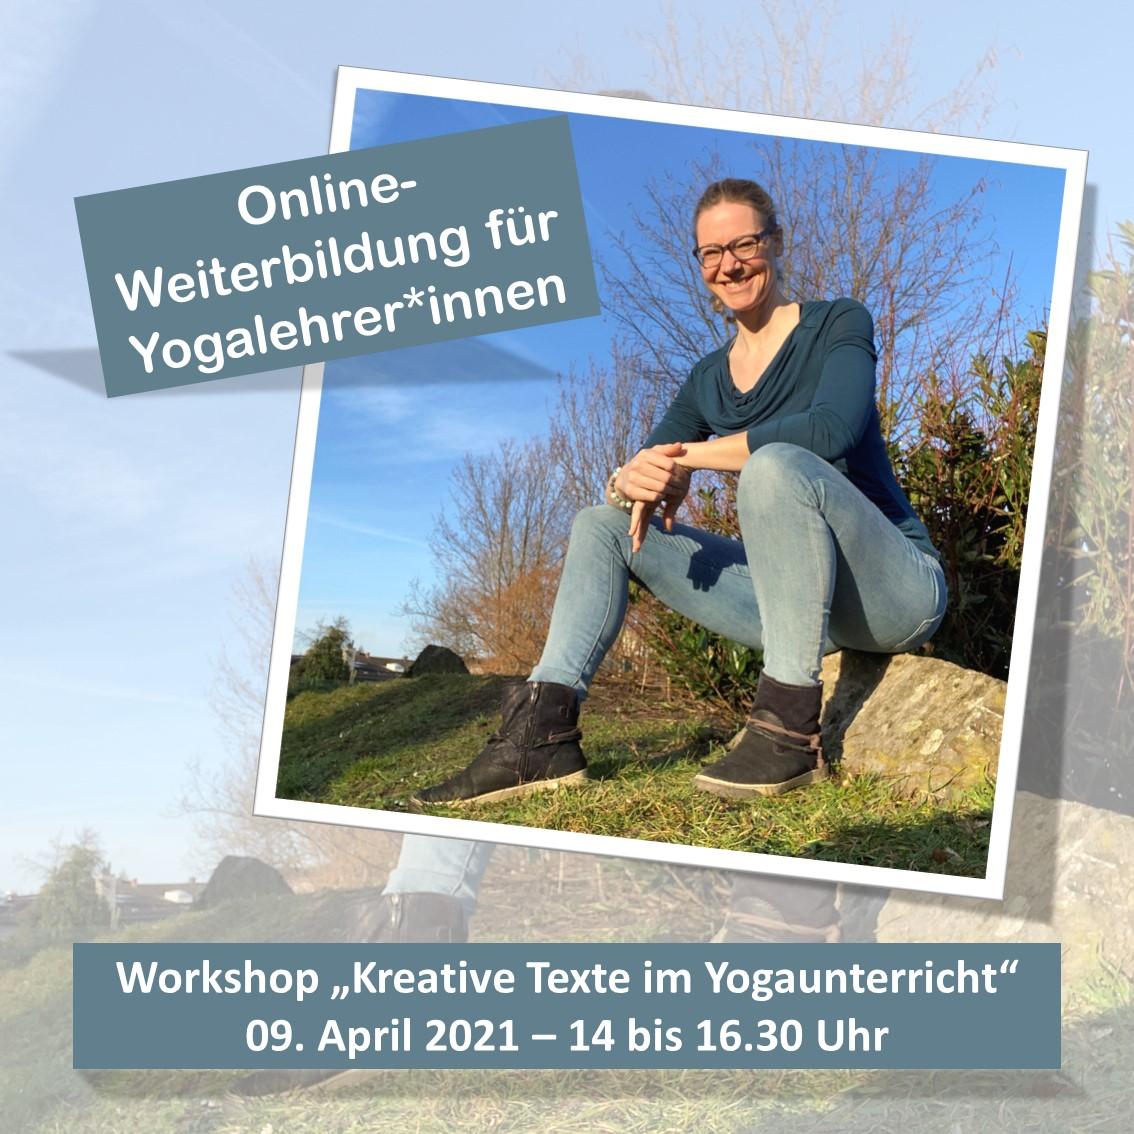 Online-Weiterbildung Kreative Texte im Yogaunterricht